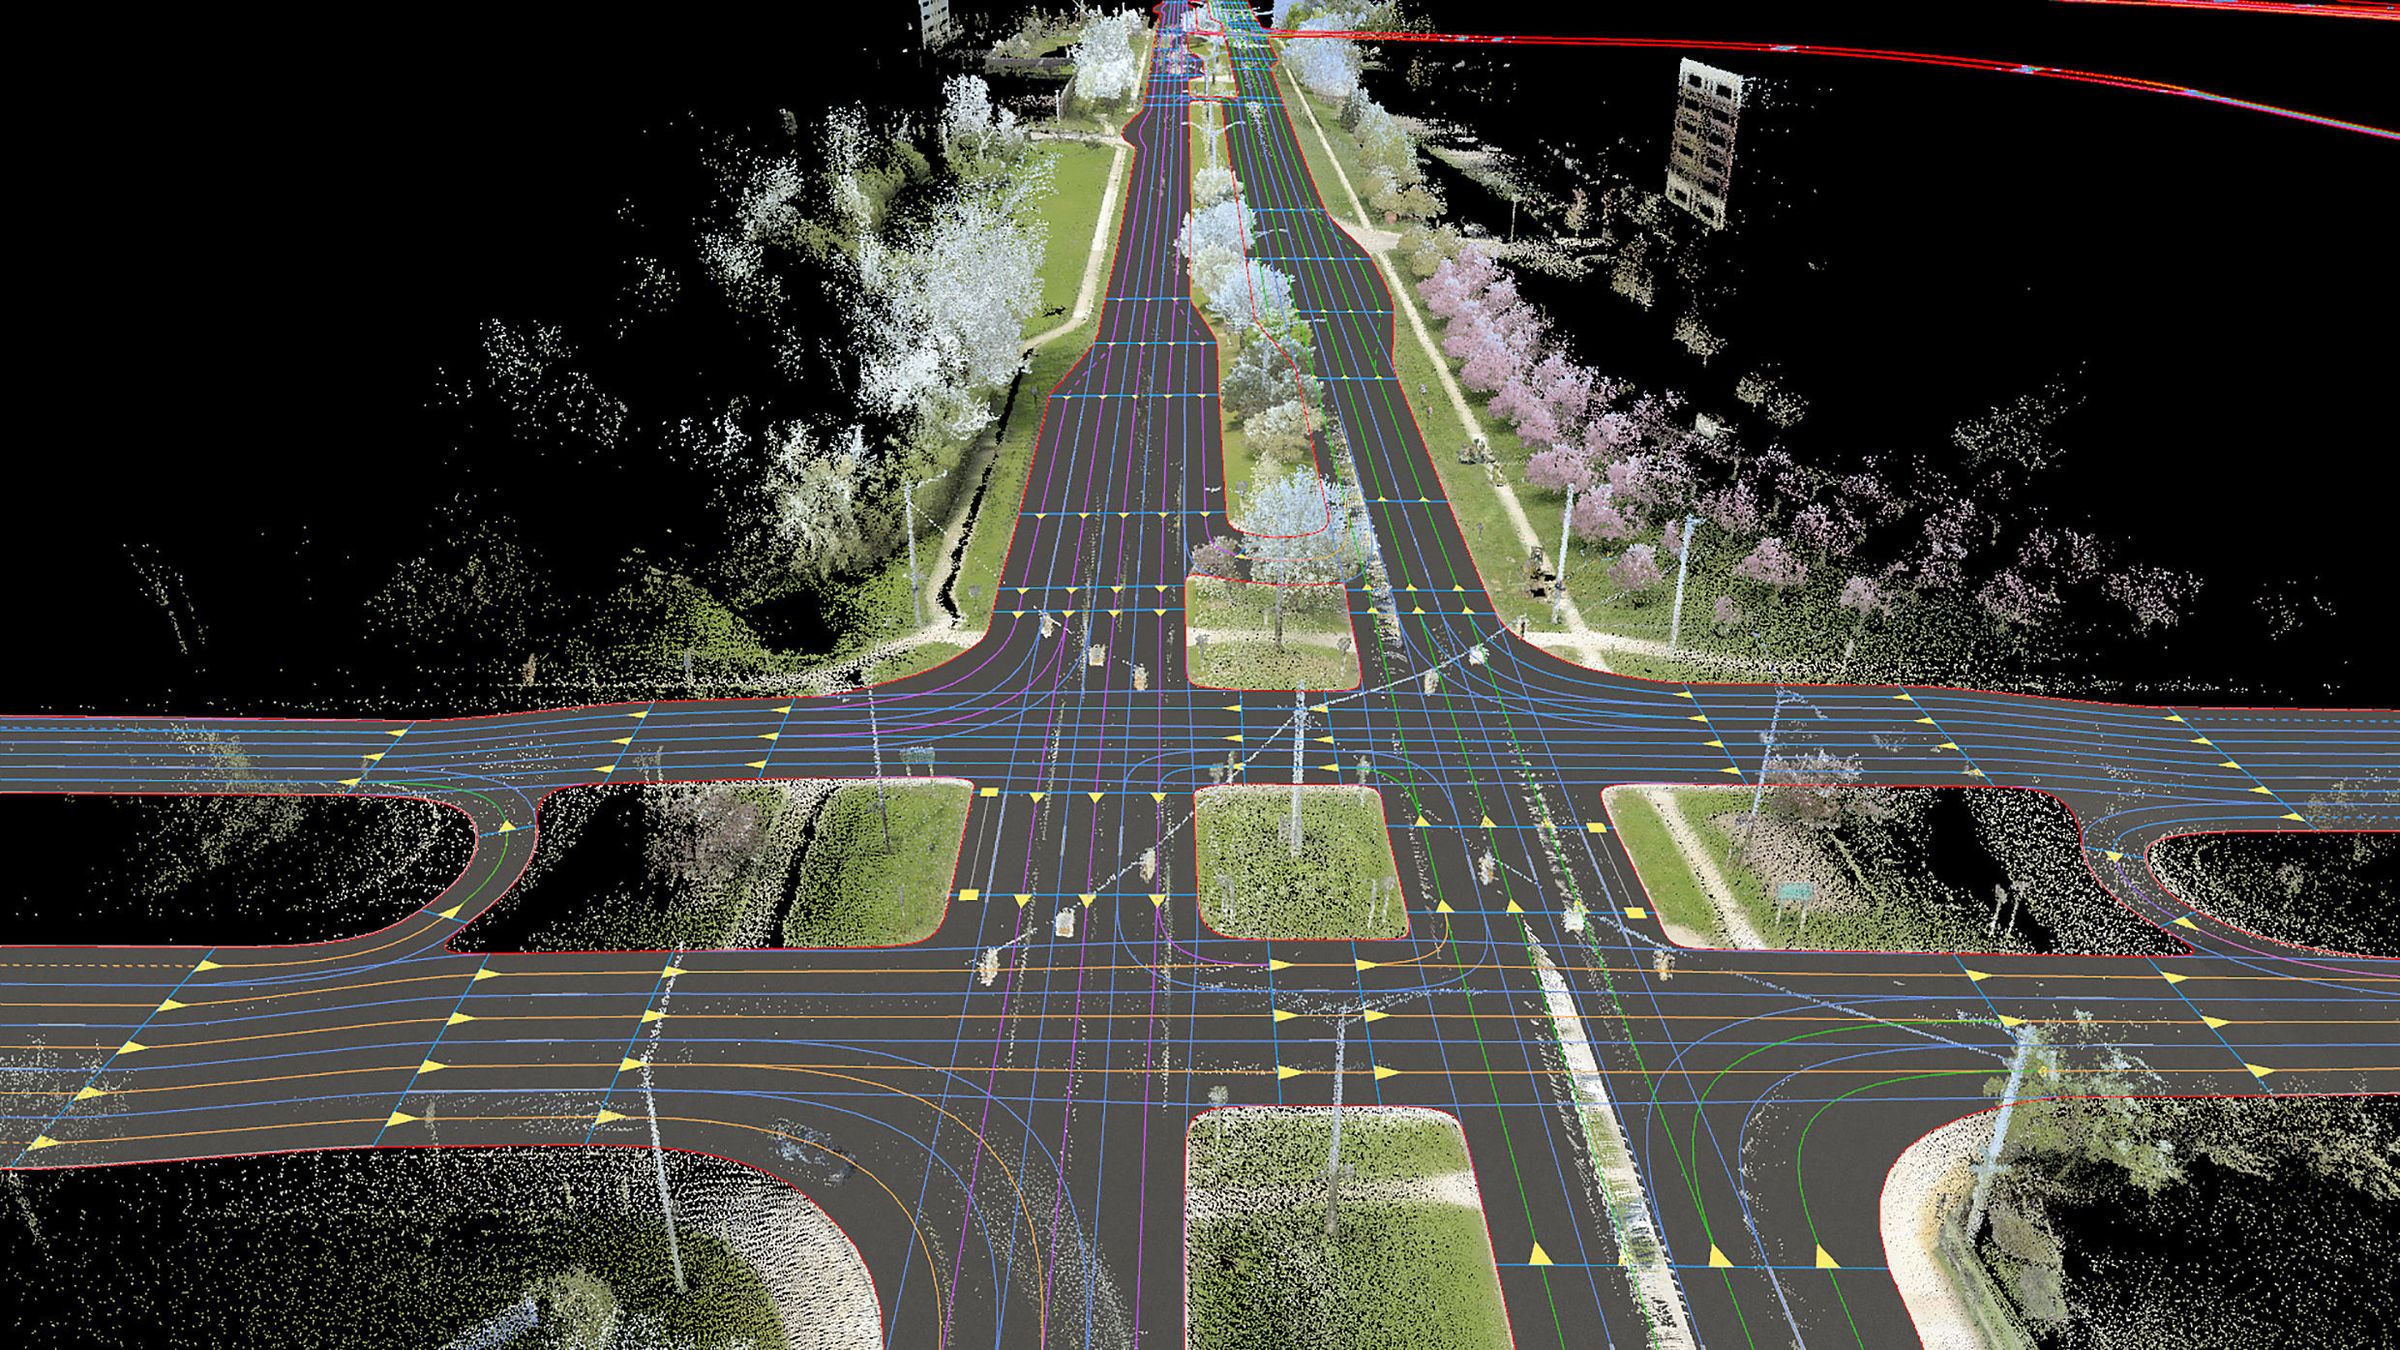 Die Zukunft ist HERE: Mobilität von morgen beginnt mit digitalen Echtzeit-Karten